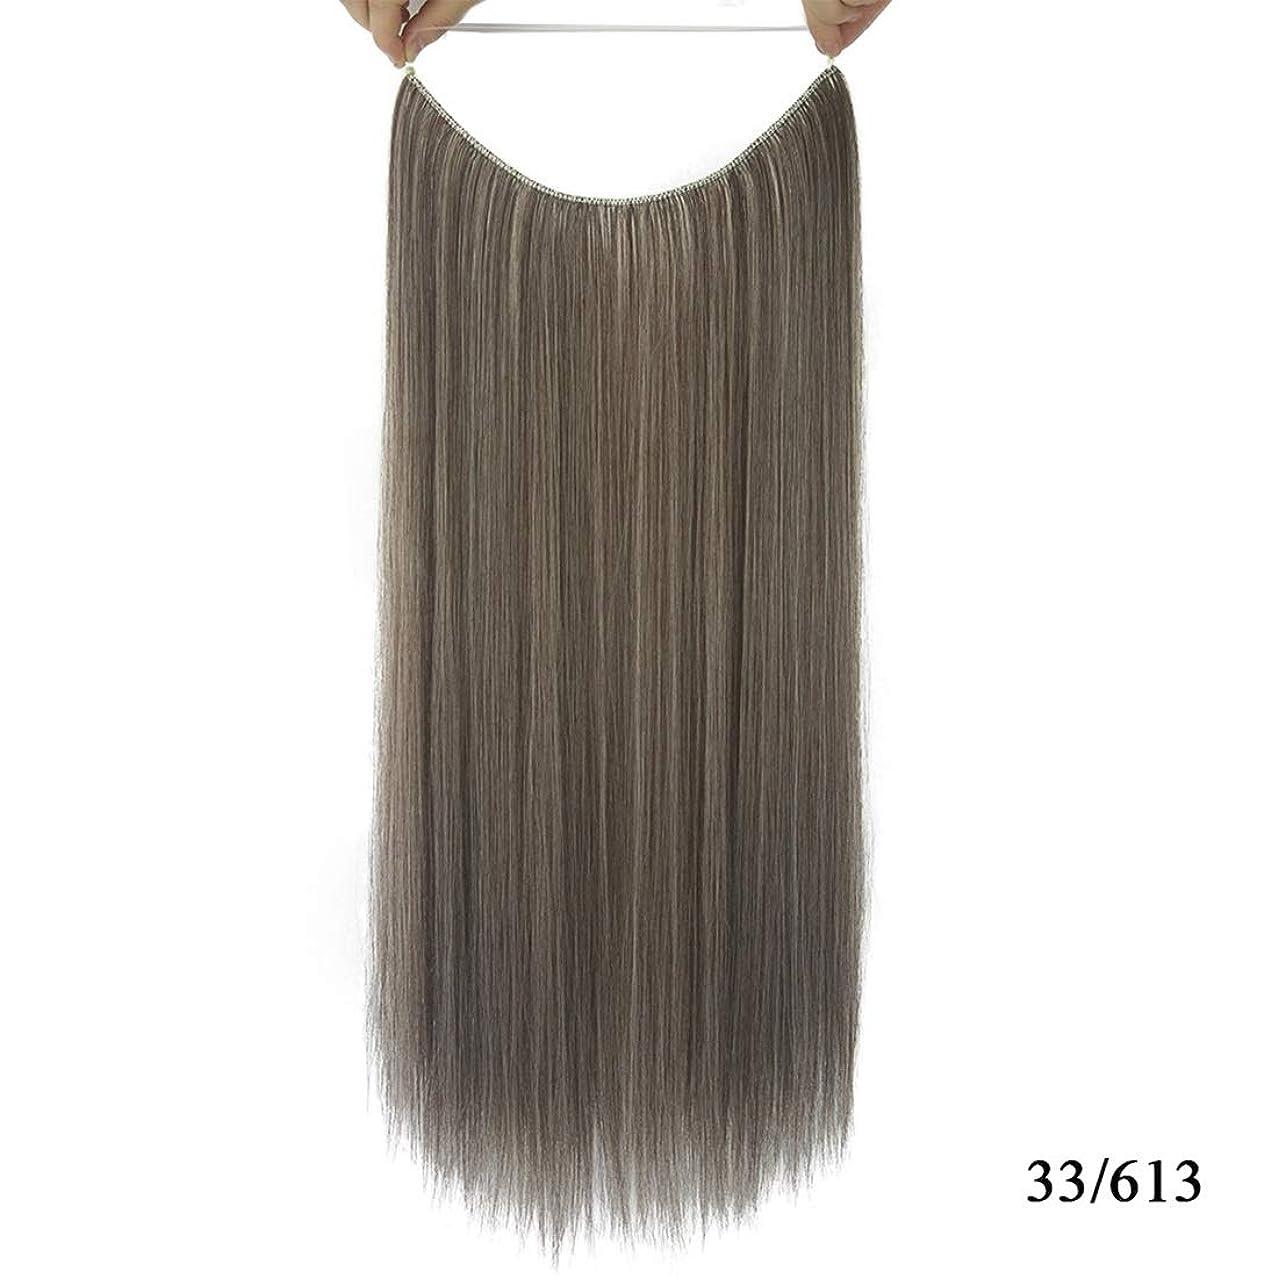 Koloeplf トレースなしのロングストレートヘアストレートヘアラインカーテンレディースヘアピース (Color : Color 33/613)